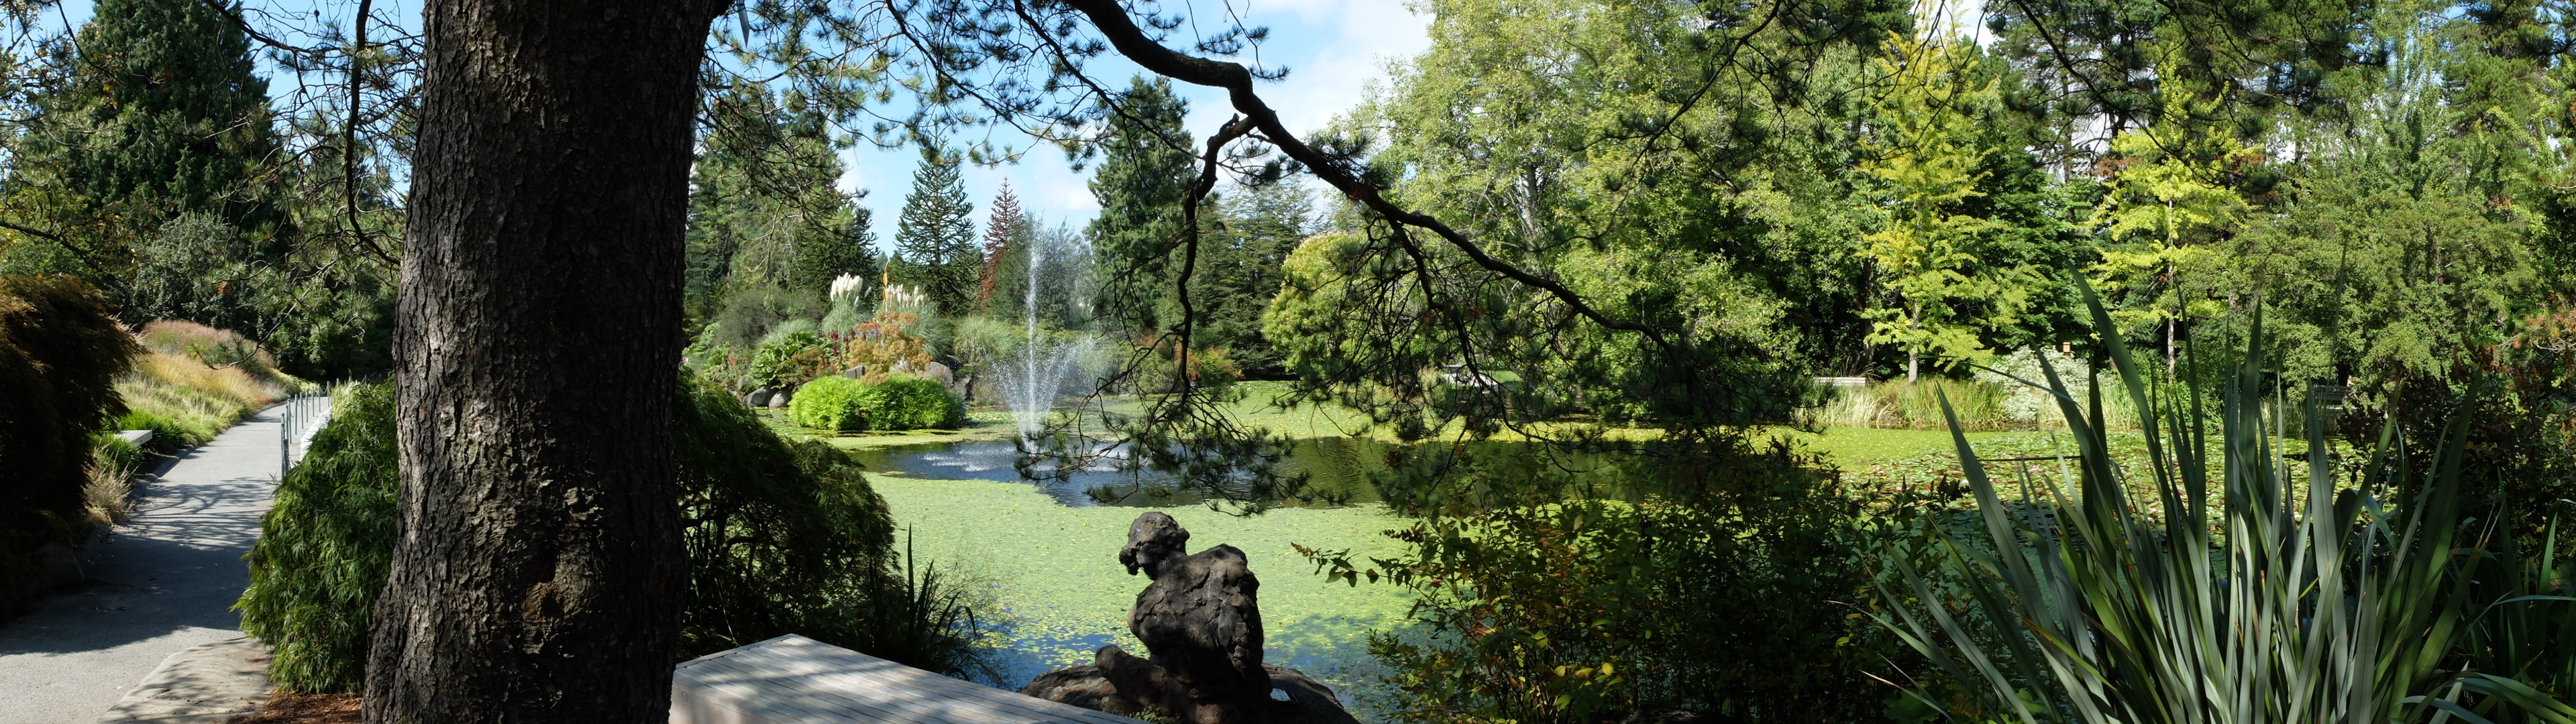 Month Calendar June : Vandusen botanical garden